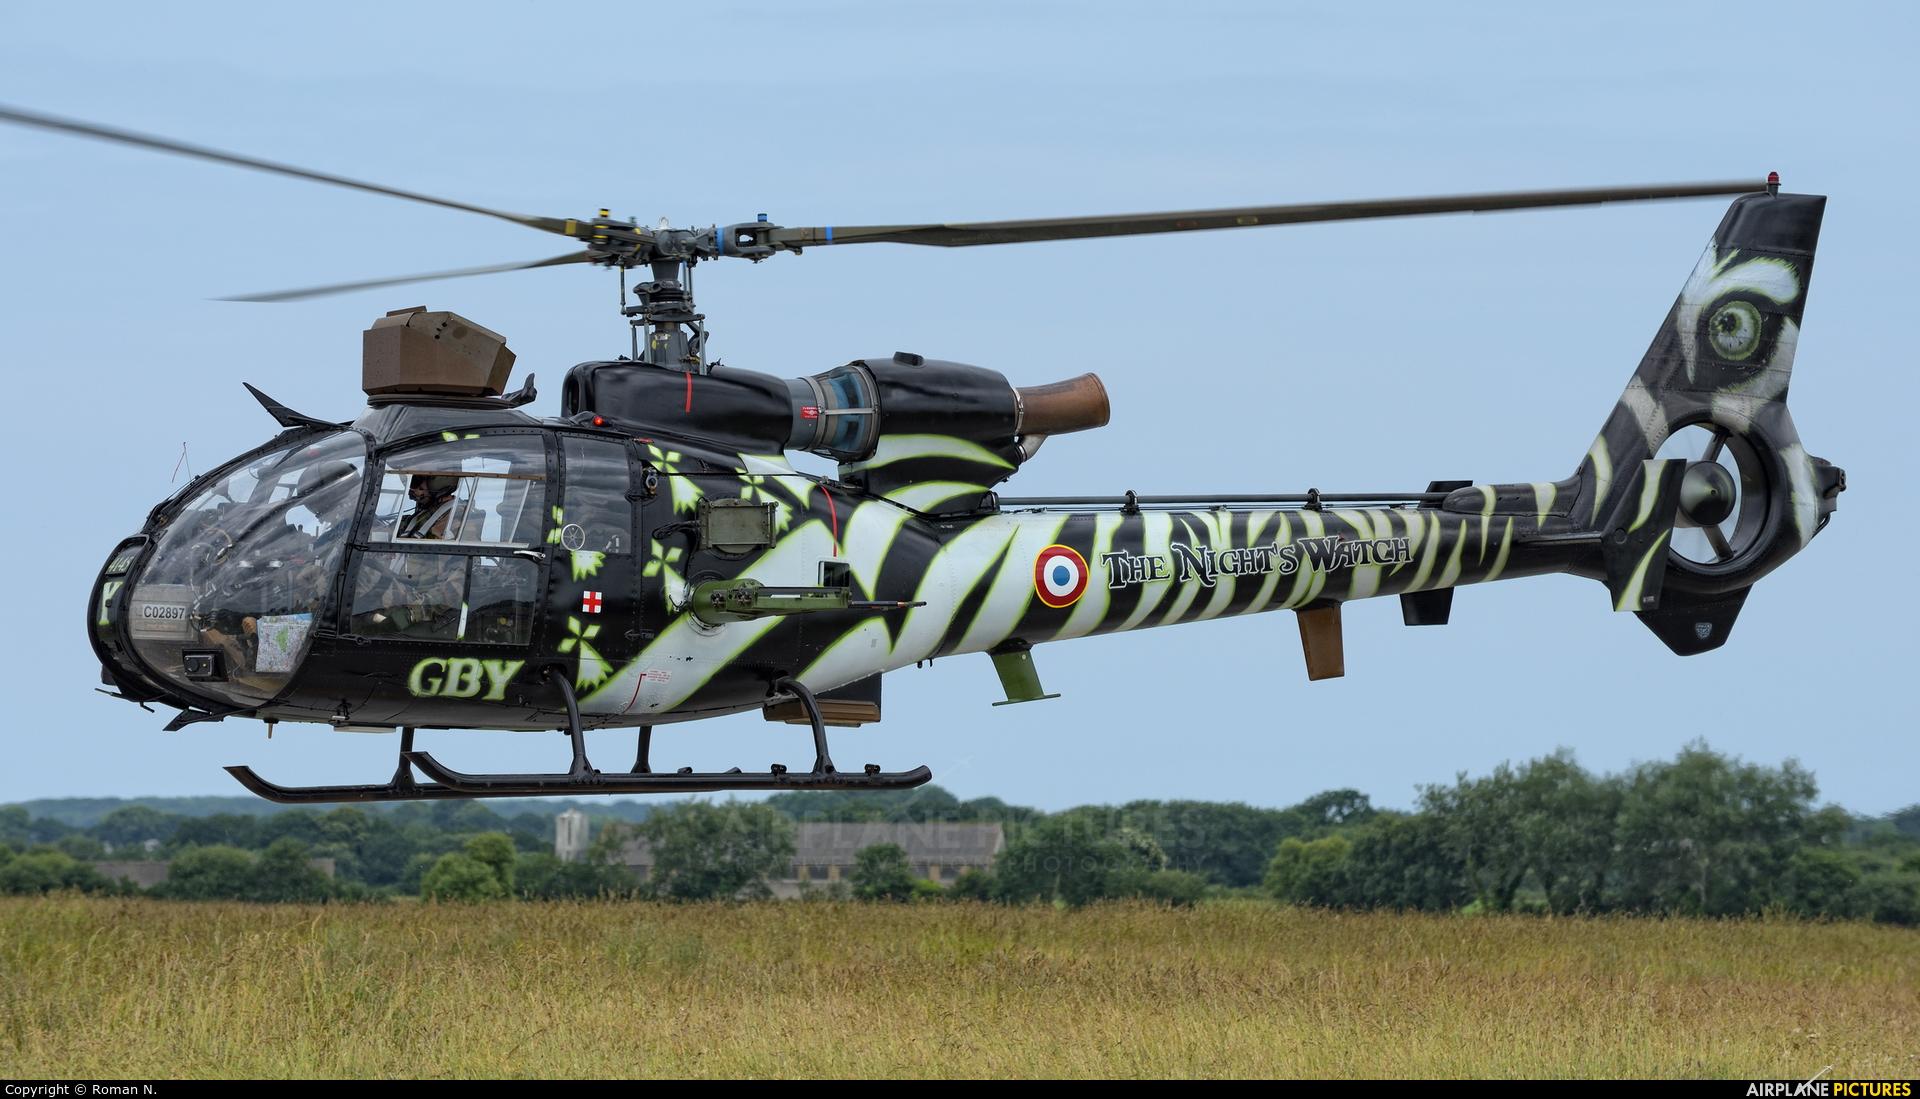 France - Army 4145 aircraft at Landivisiau